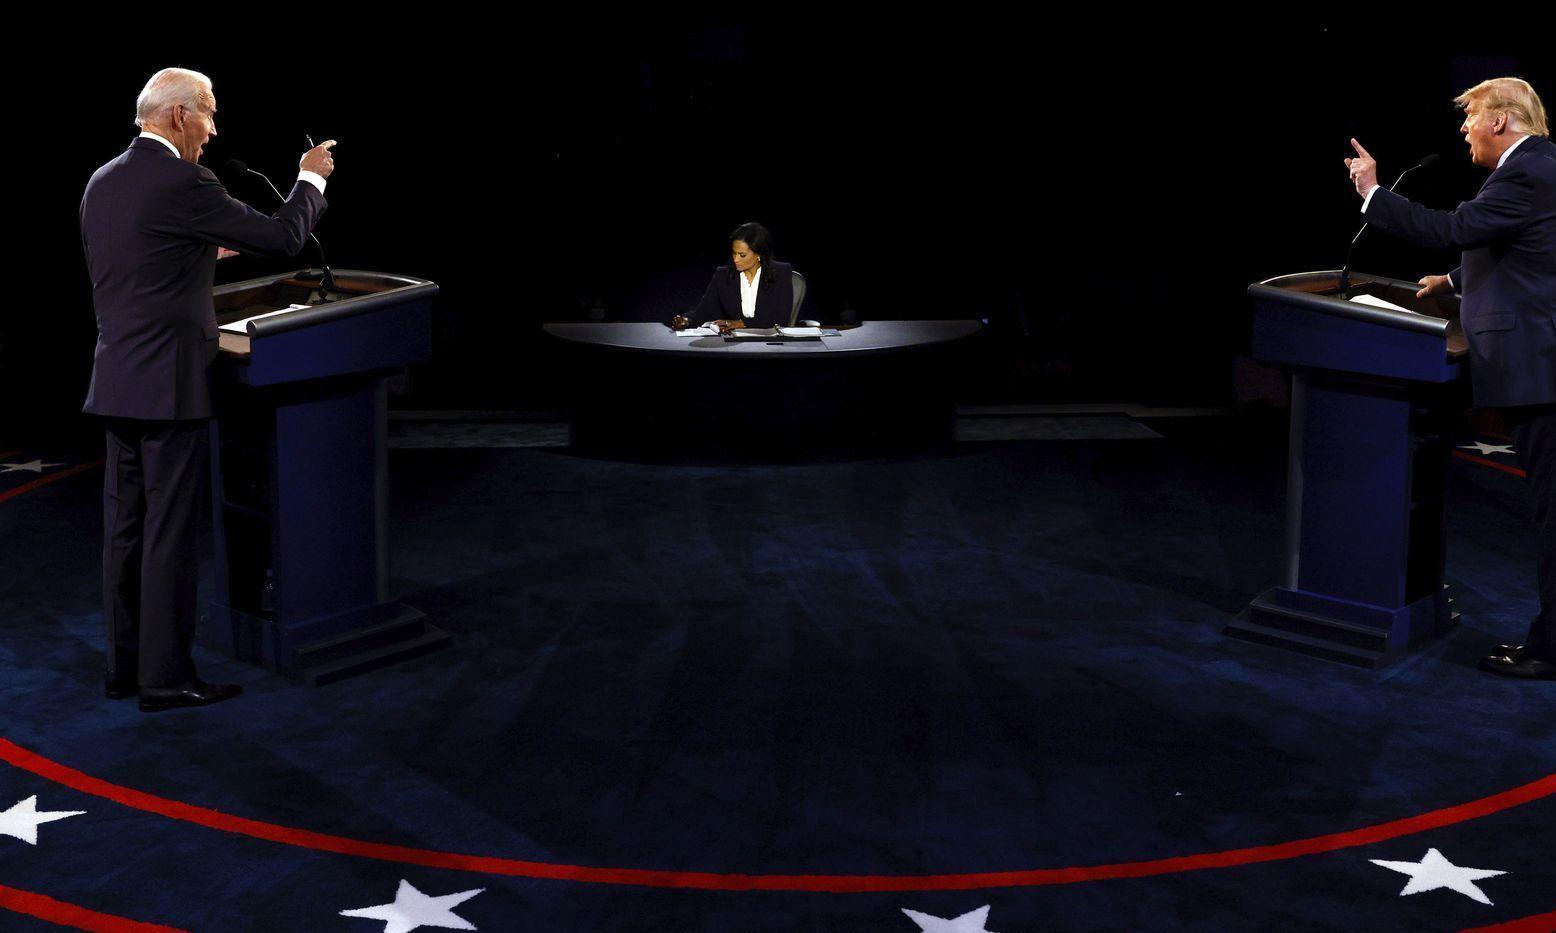 امریکا: صدارتی امیدواروں کا آخری مباحثہ، ٹرمپ کے جو بائیڈن پر بدعنوانی کے الزامات